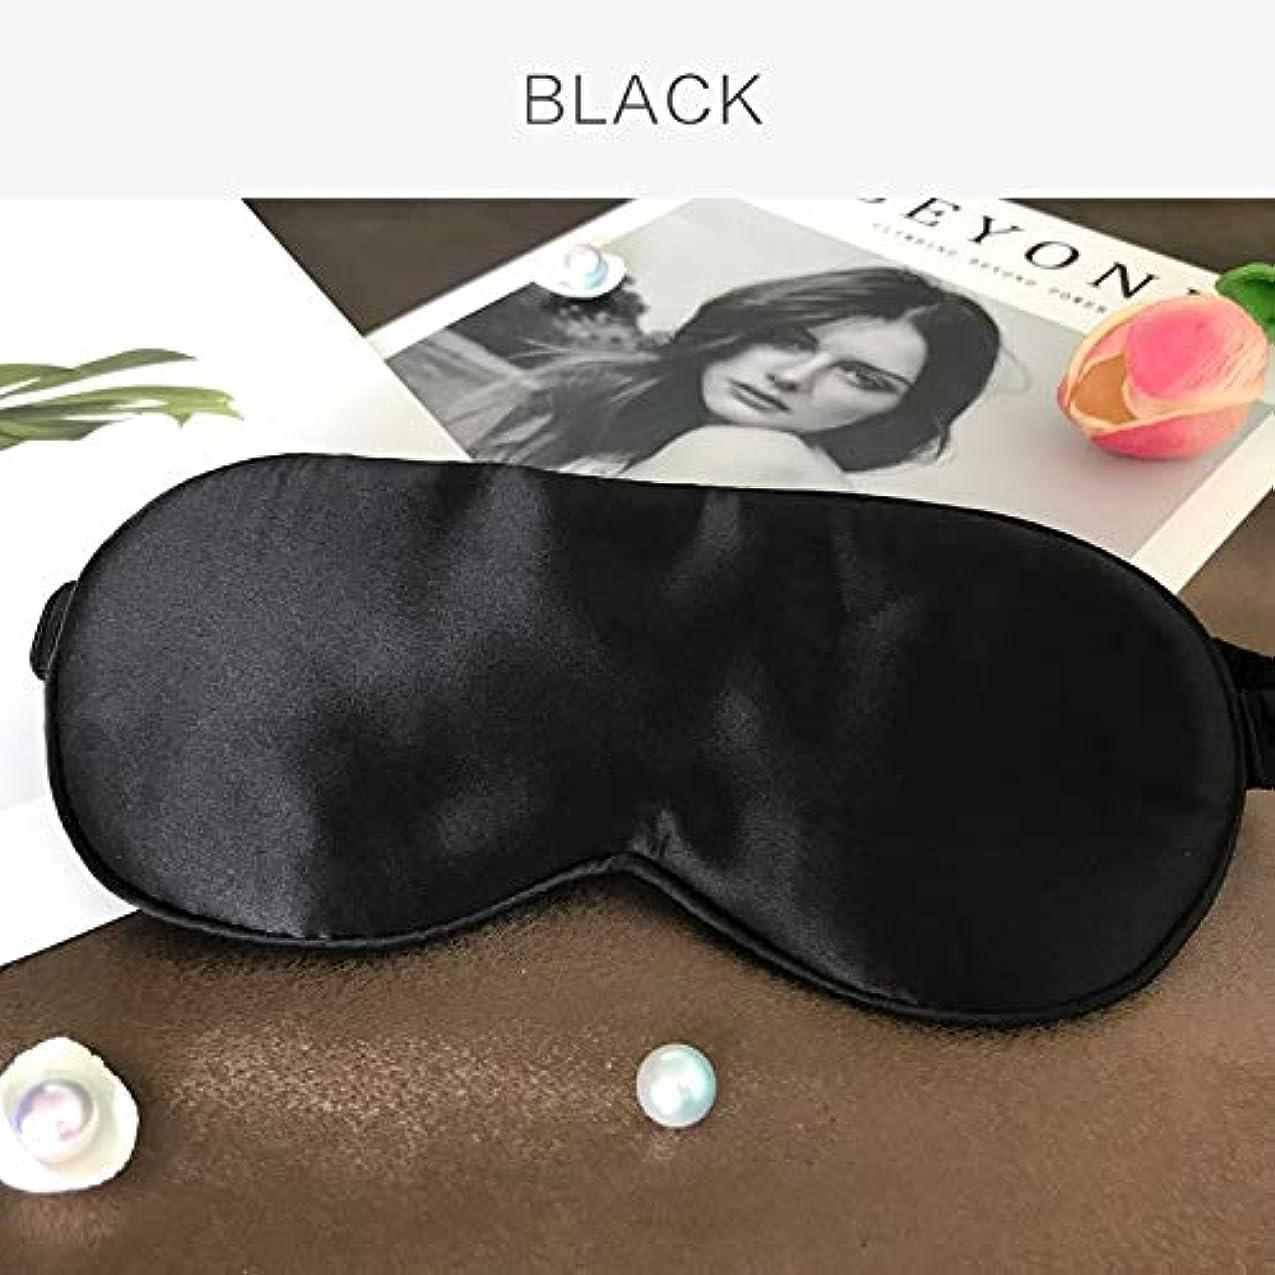 パートナー全国粗いNOTE 19お母さんの桑の絹の睡眠用アイマスク&目隠し付き弾性ストラップソフトアイカバーアイシェード(夜用)、旅行、昼寝